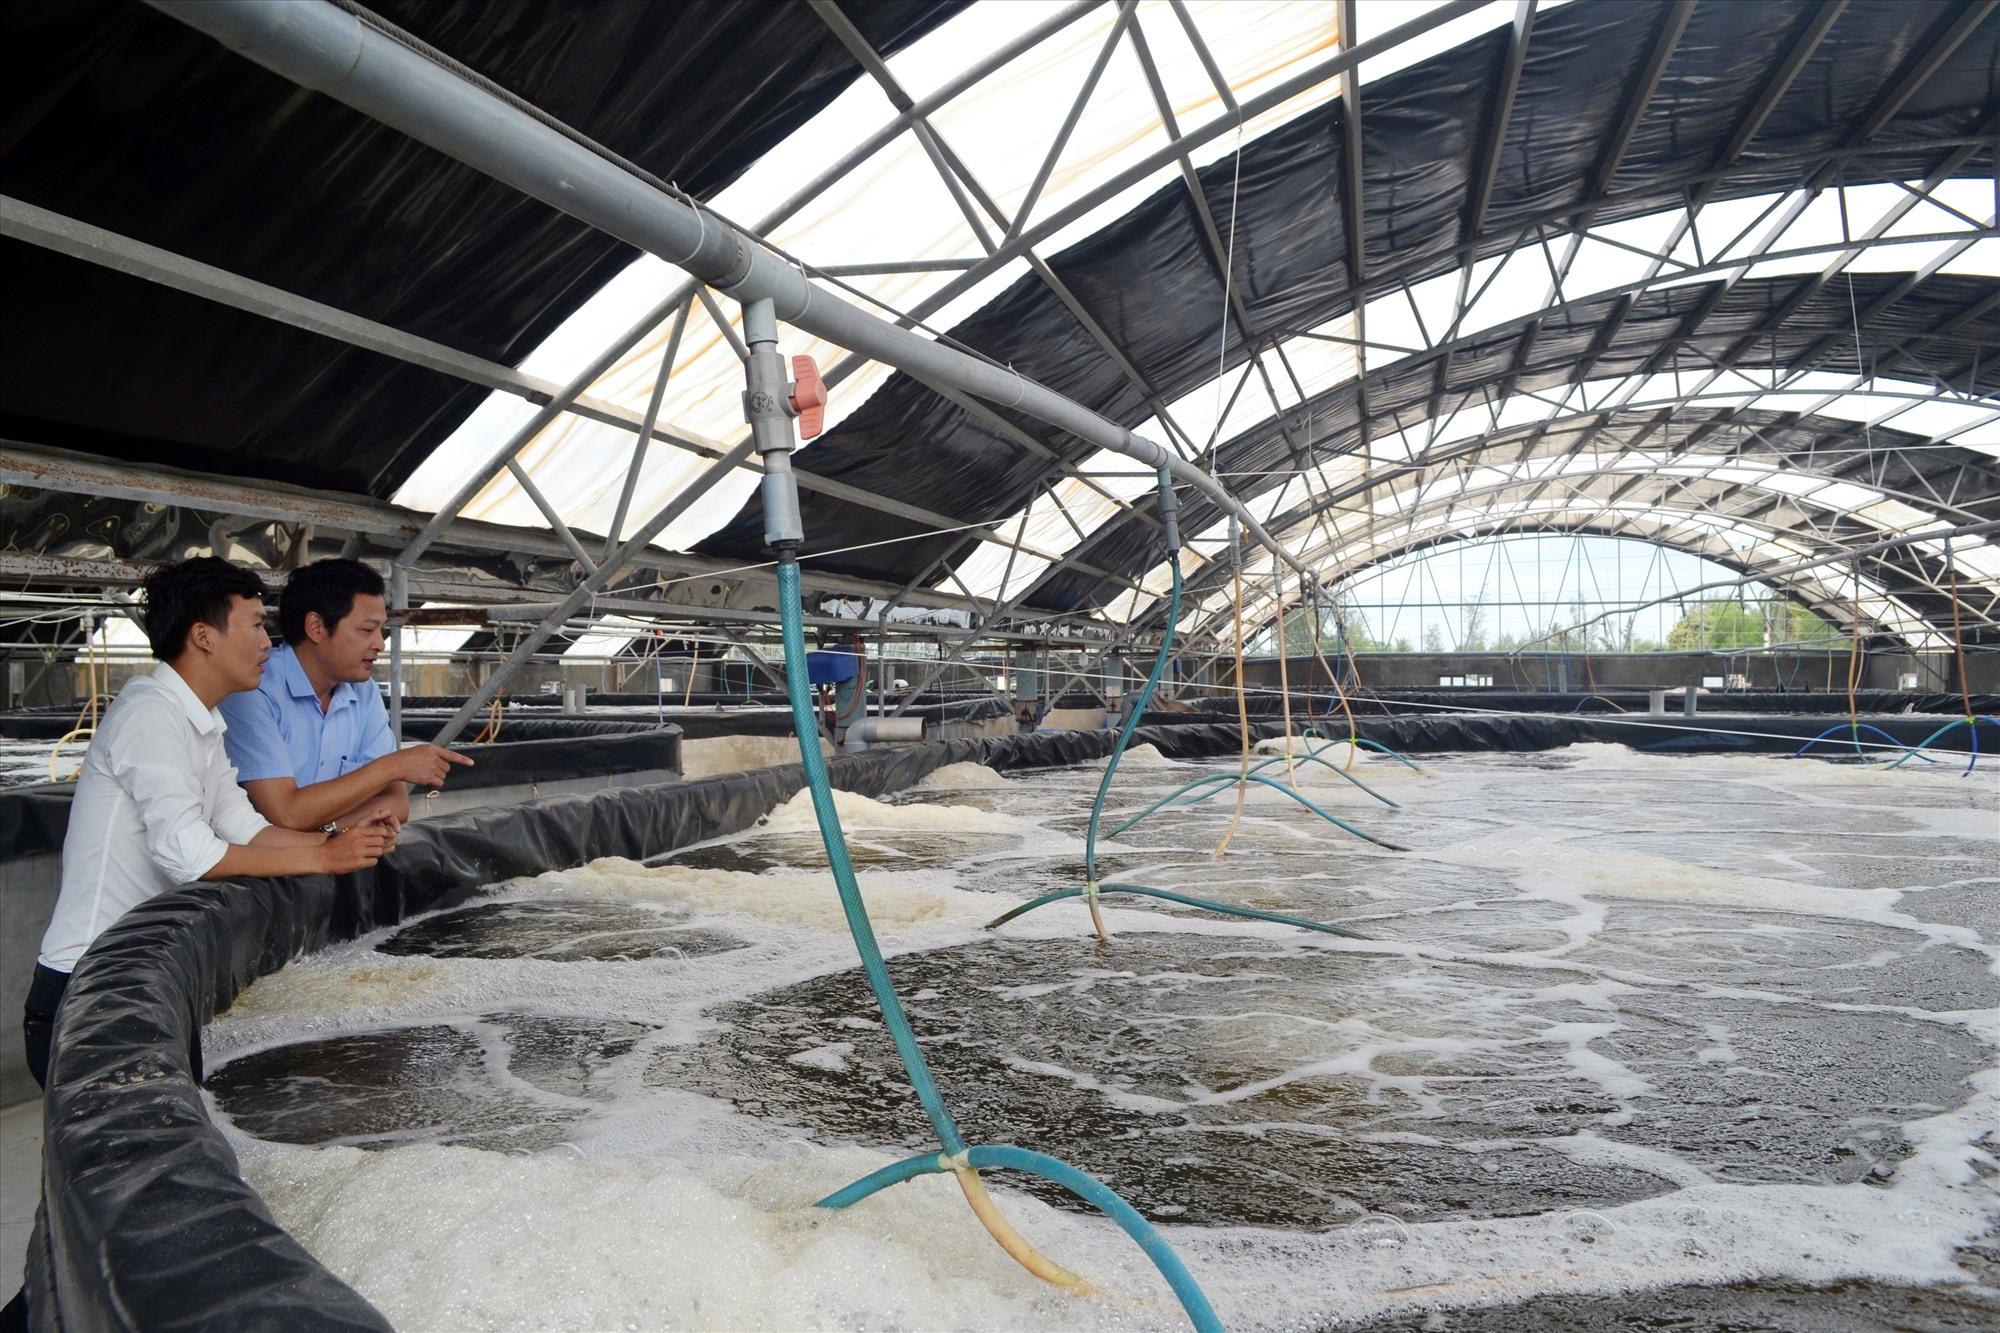 Ông Trần Công Thành đầu tư nuôi tôm công nghệ cao đem lại hiệu quả ở xã Tam Hòa (Núi Thành). Ảnh: VIỆT NGUYỄN